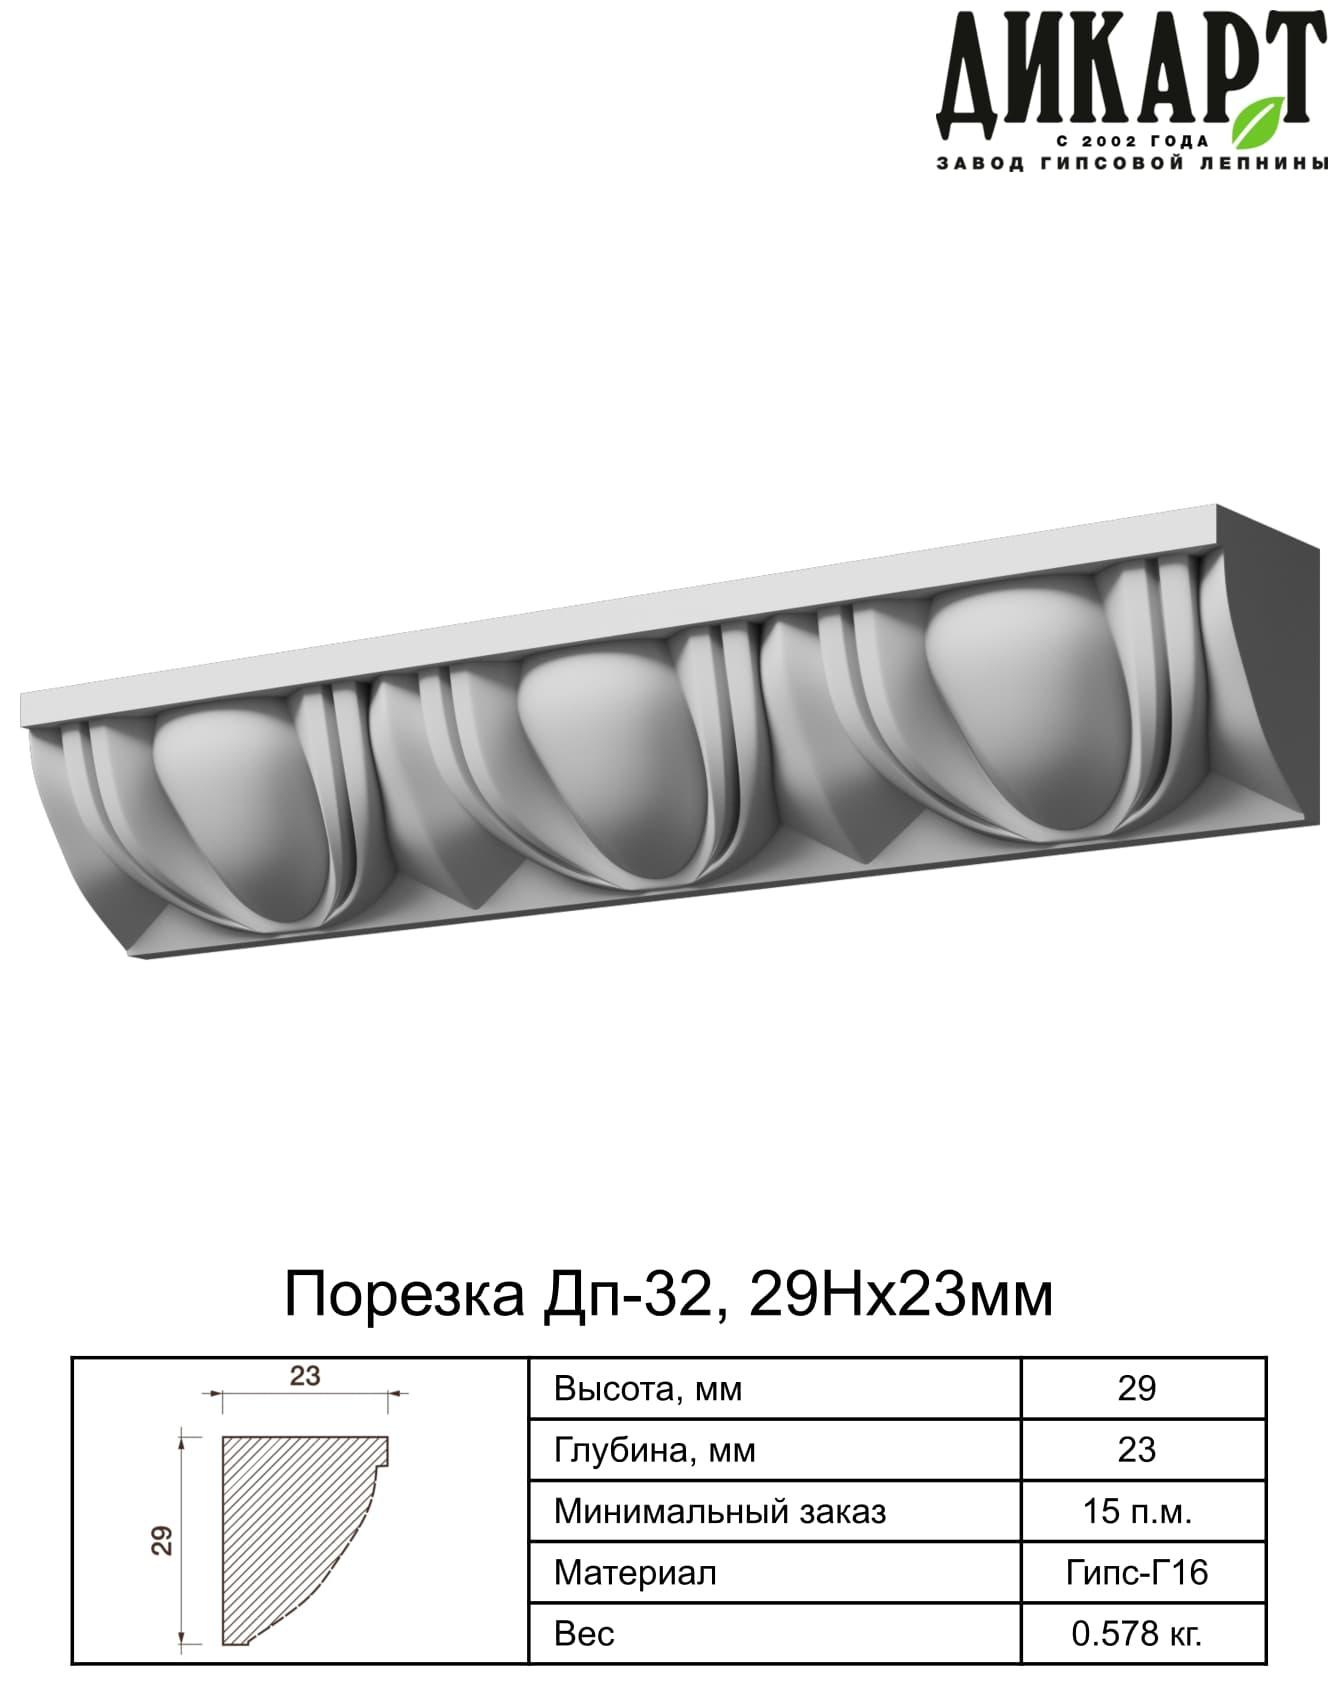 Порезка_Дп-32